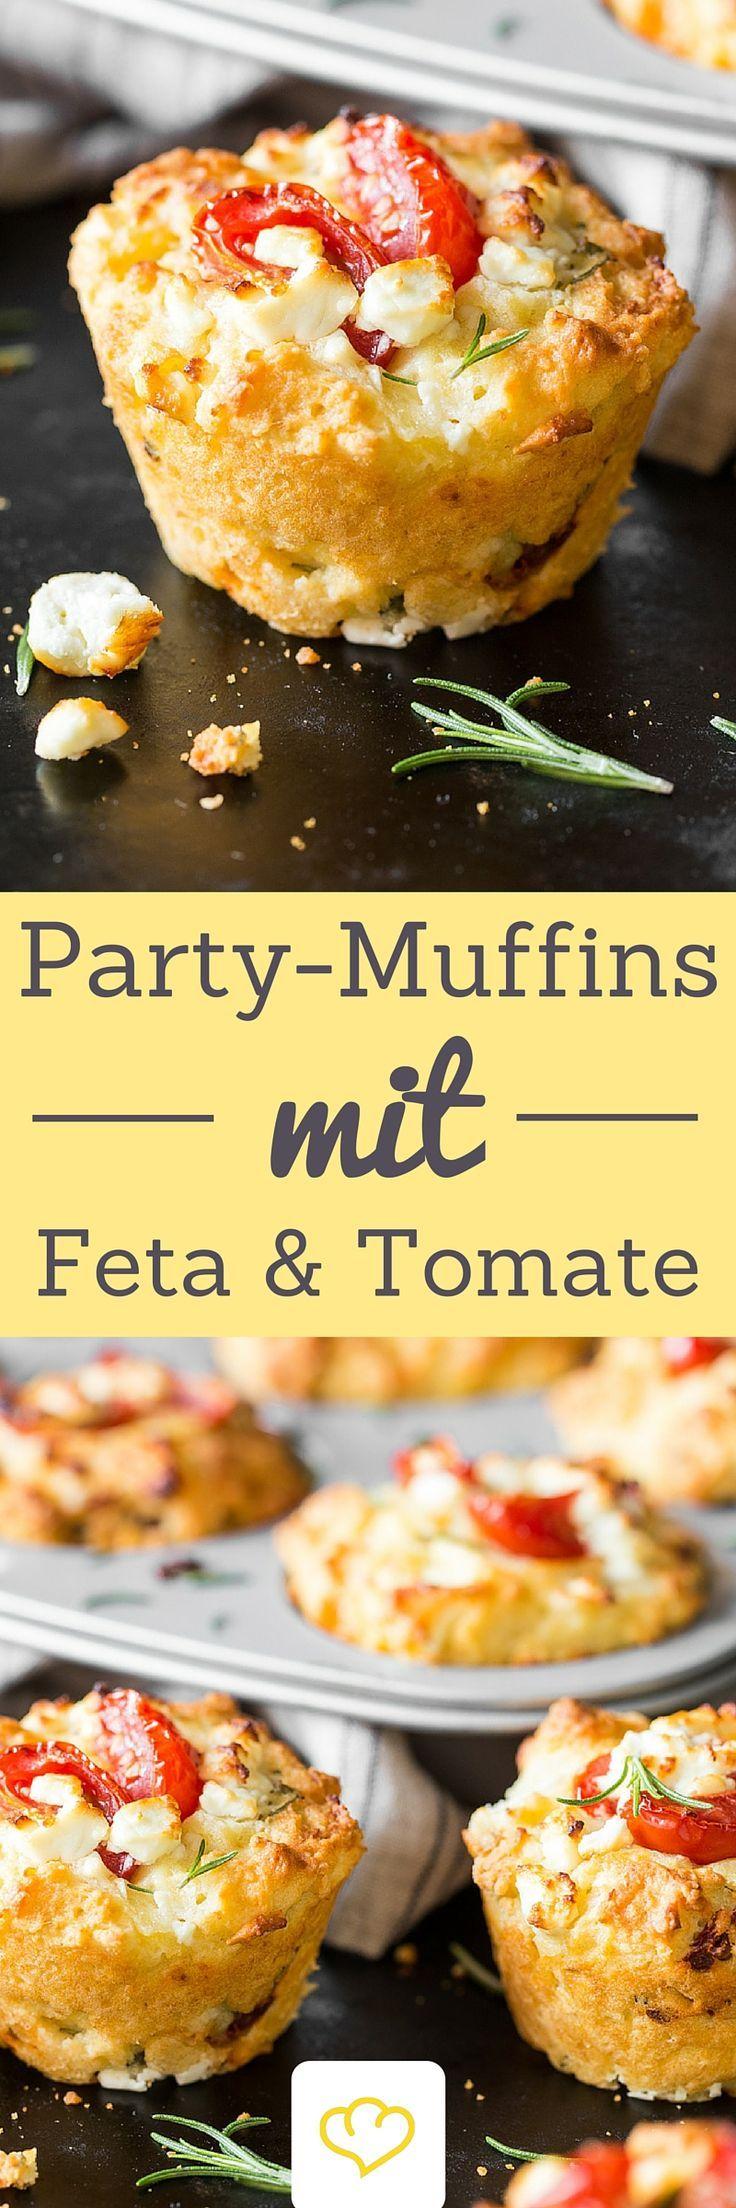 der hingucker auf deinem partybuffet tomaten feta muffins recipe rezept ideen pinterest. Black Bedroom Furniture Sets. Home Design Ideas